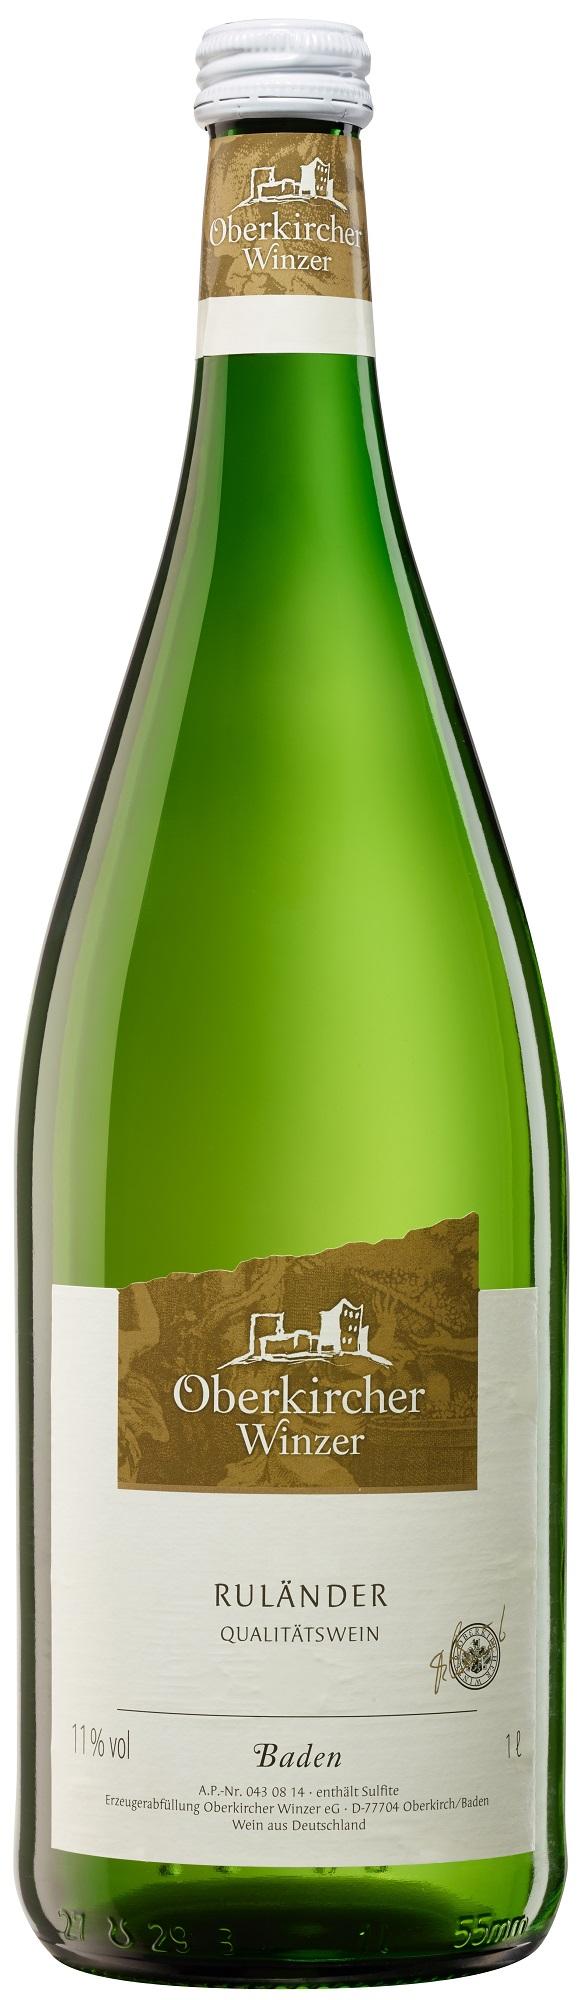 Collection Oberkirch , Ruländer Qualitätswein